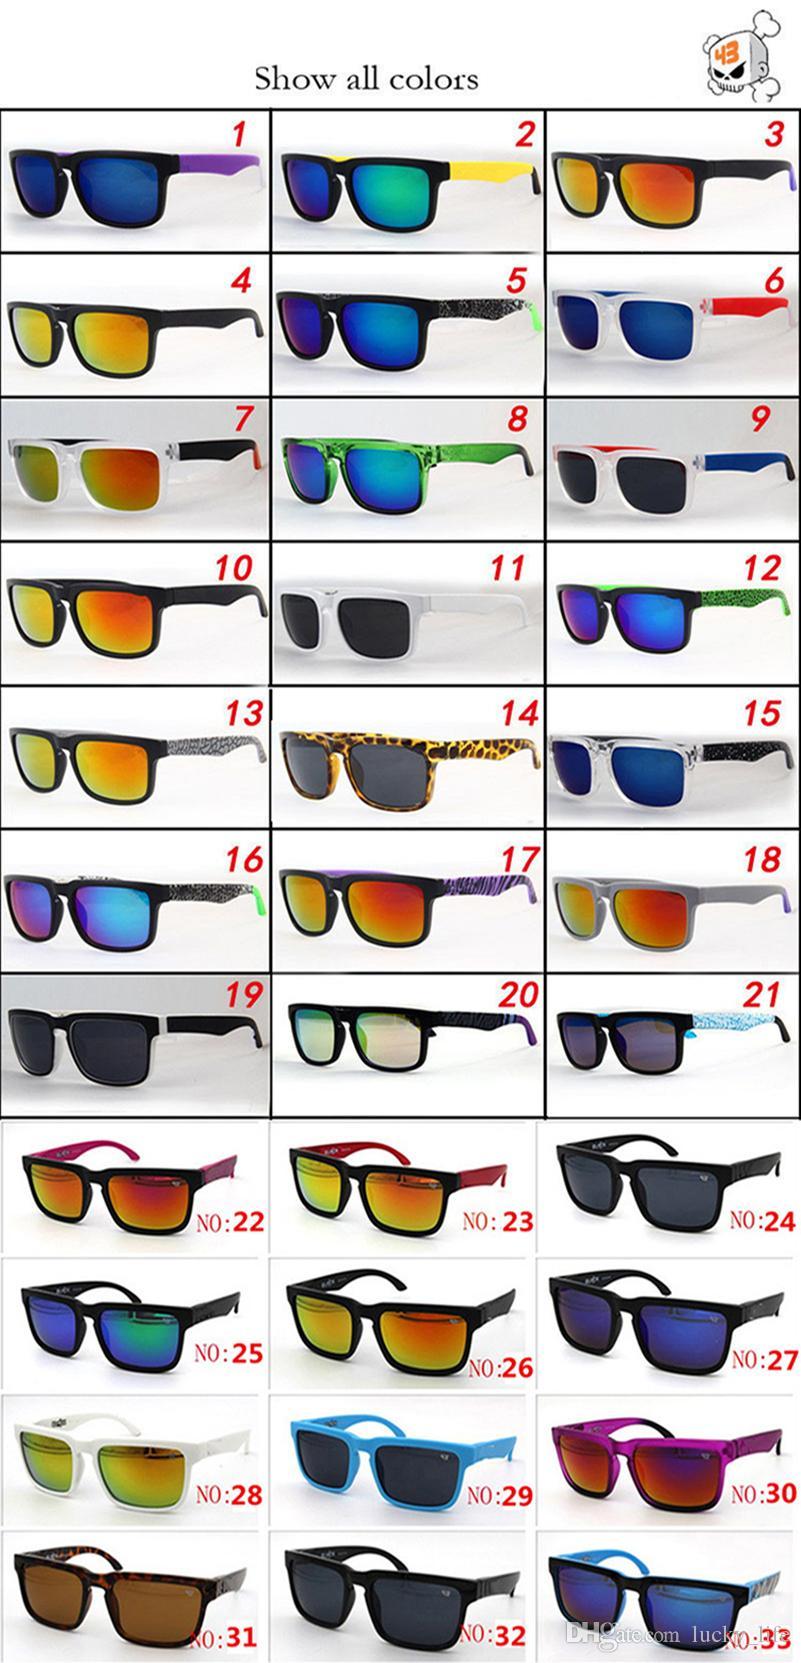 33 Cores Designer de marca Spied Ken Block Helm Sunglasses Esportes Óculos de Sol Oculos de Sol Óculos de Sol Ciclismo EyesDearR Unisex Óculos icidh